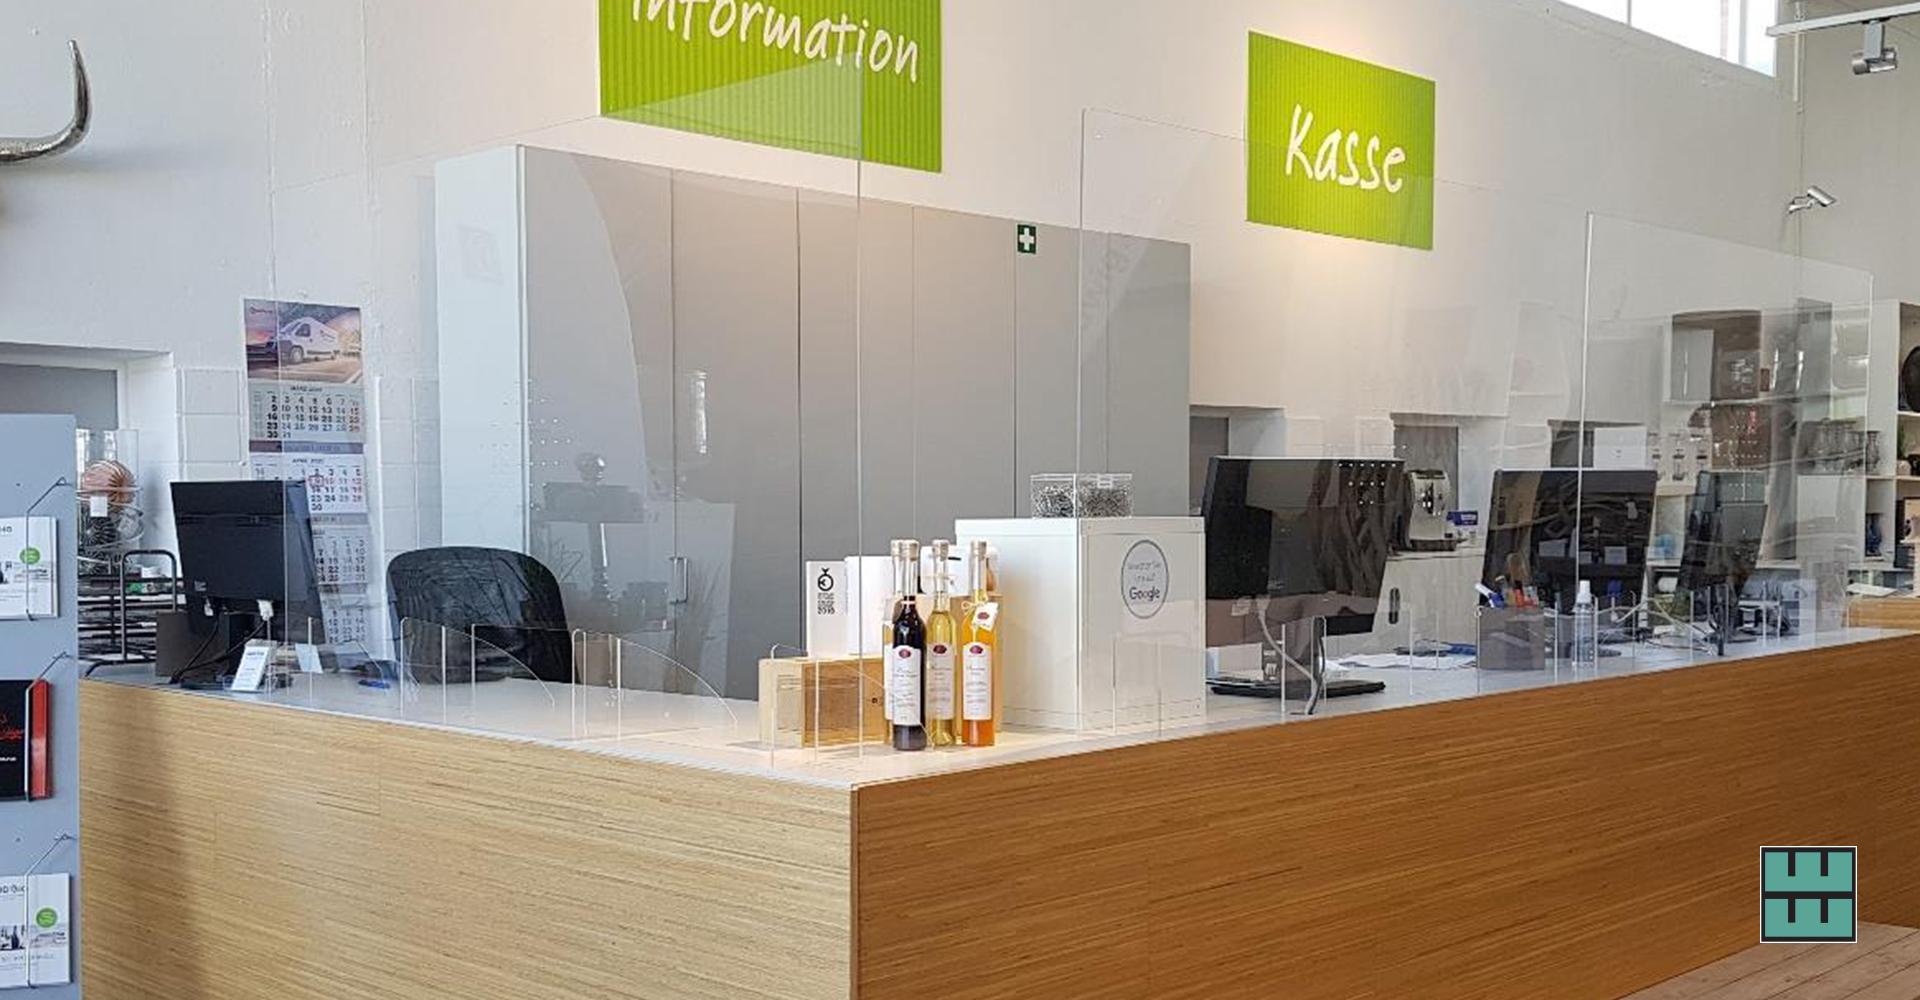 Ab dem 11.05.2020 darf die Gastronomie wieder öffnen! Jetzt Hygieneschutz sichern: Acrylglas-Schutzwände